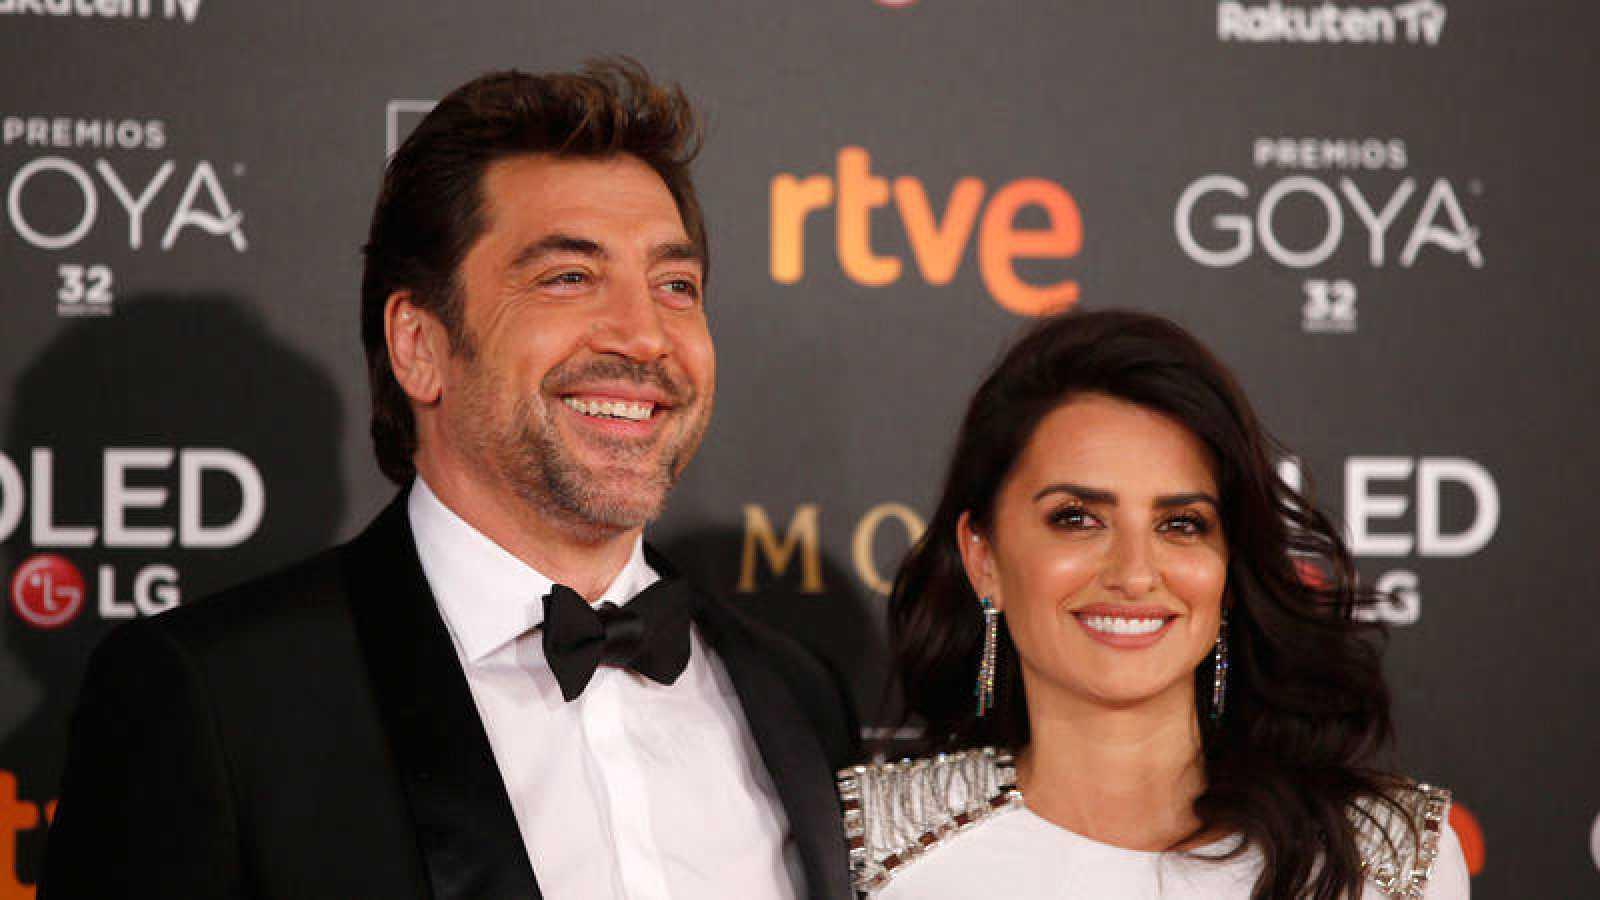 Los actores Penélope Cruz  y Javier Bardem, a su llegada a la ceremonia de entrega de la 32 Edición de los Premios Goya